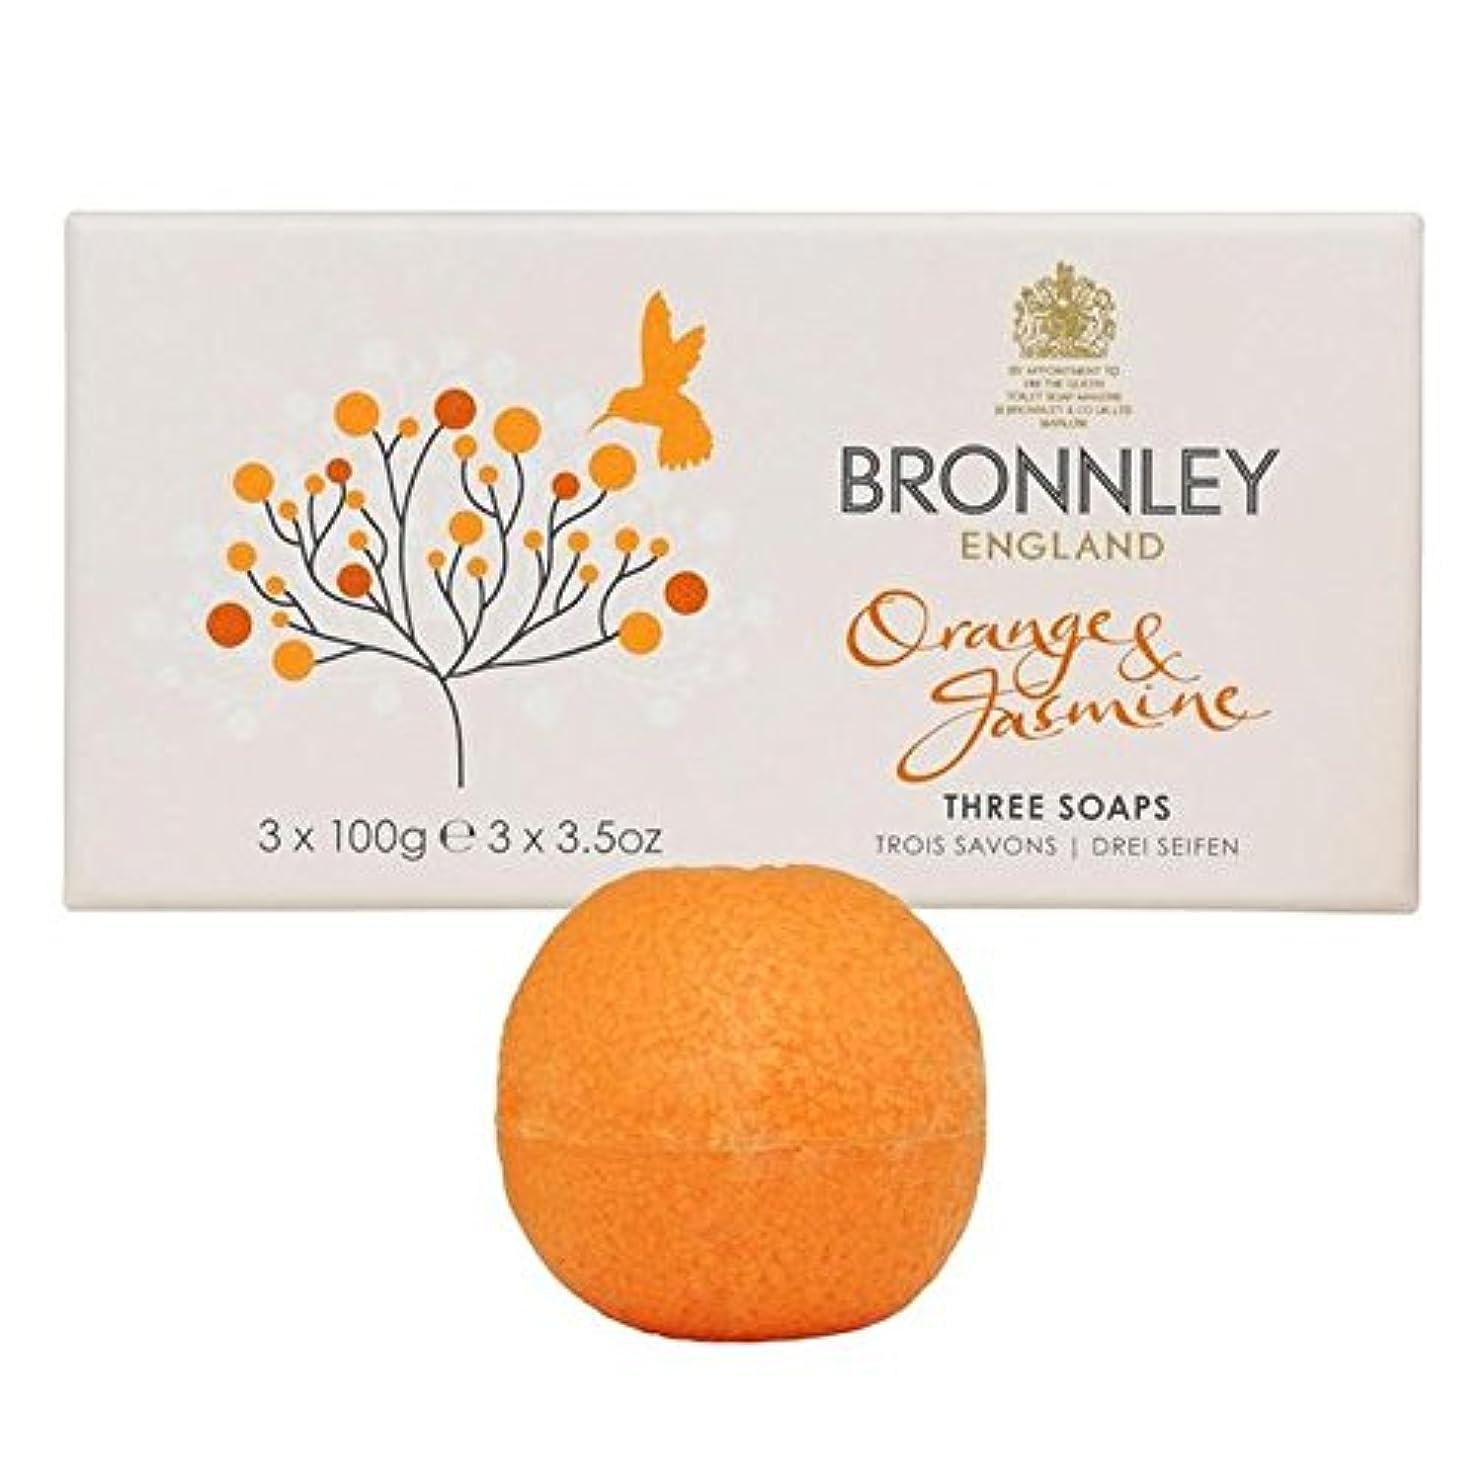 立ち寄る名目上のオレンジ&ジャスミン石鹸3×100グラム x4 - Bronnley Orange & Jasmine Soaps 3 x 100g (Pack of 4) [並行輸入品]